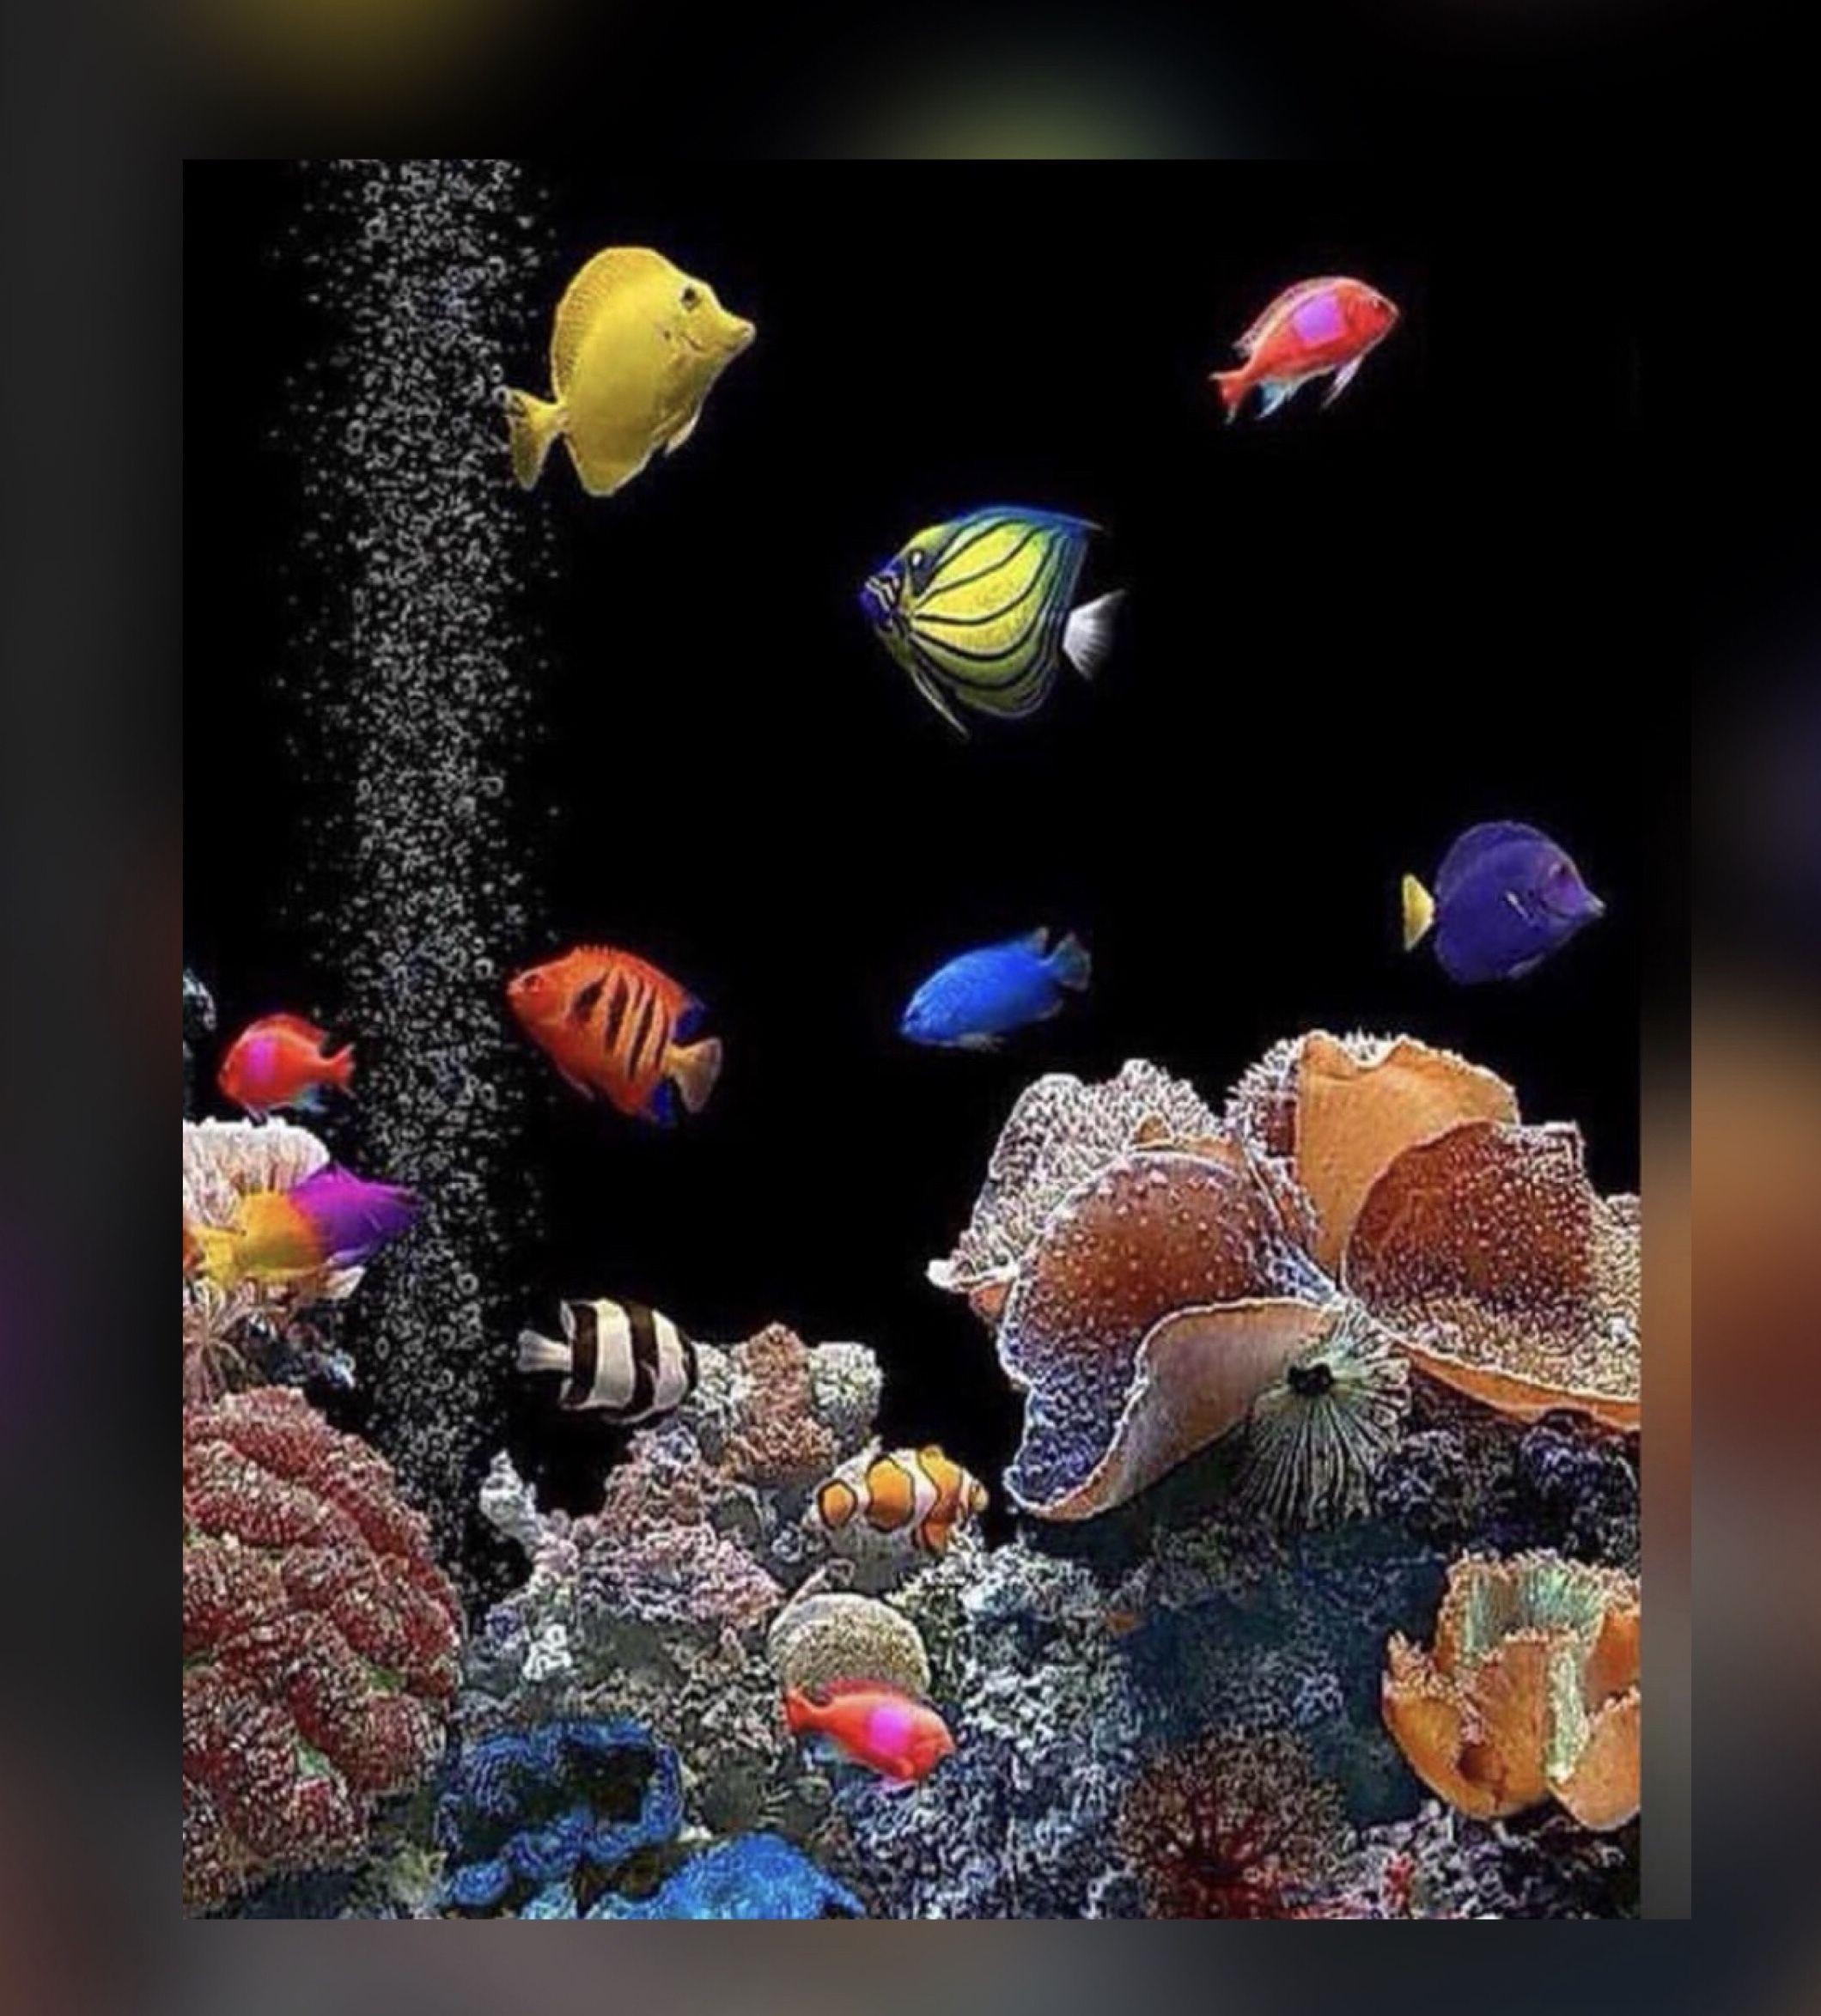 вашему движущаяся картинка с рыбками на телефон часто молодожены